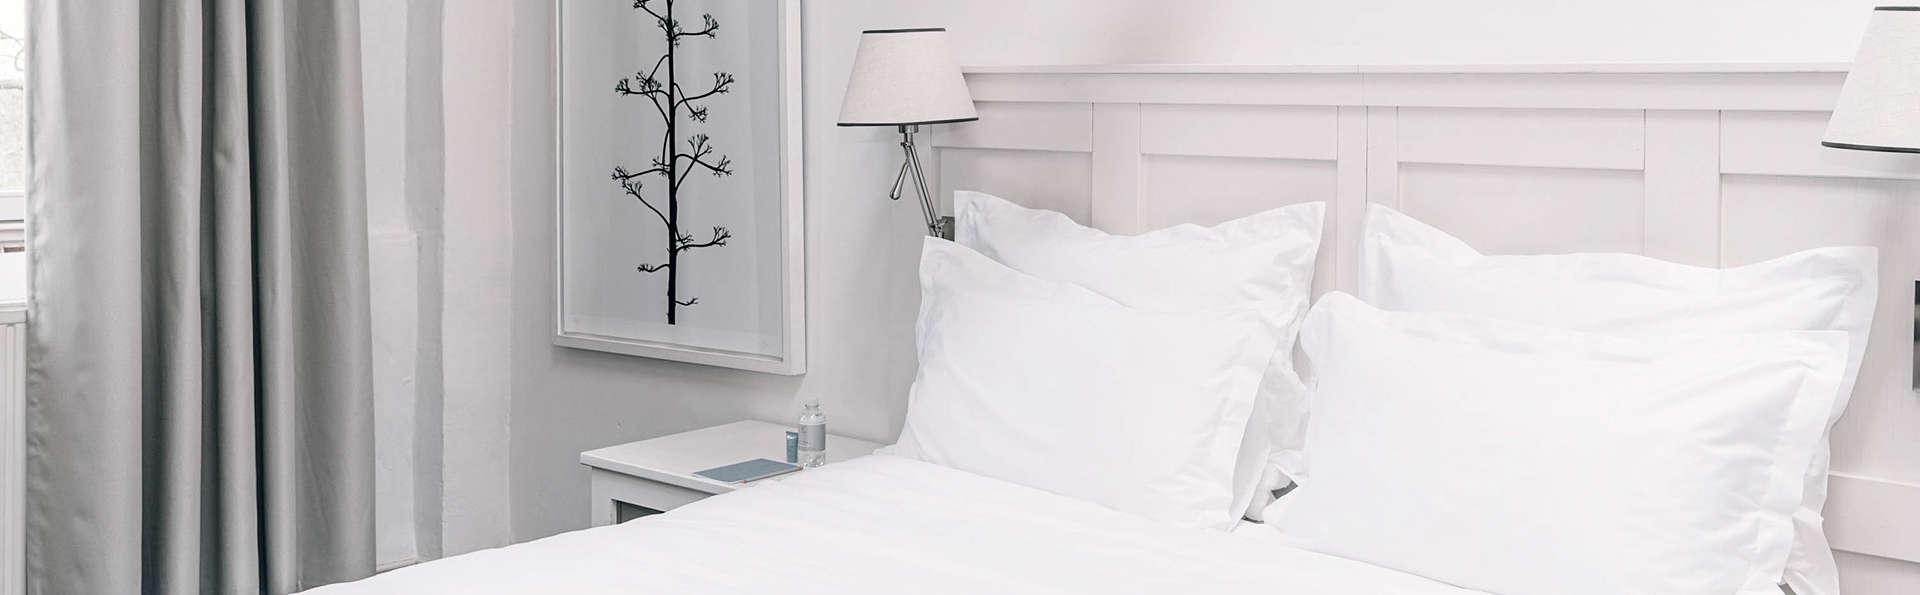 Pillows Charme Hotel Château de Raay Limburg  - EDIT_Pillows_Charme_Hotel_Chateau_De_Raay_Baarlo_Castle_Room_02.jpg